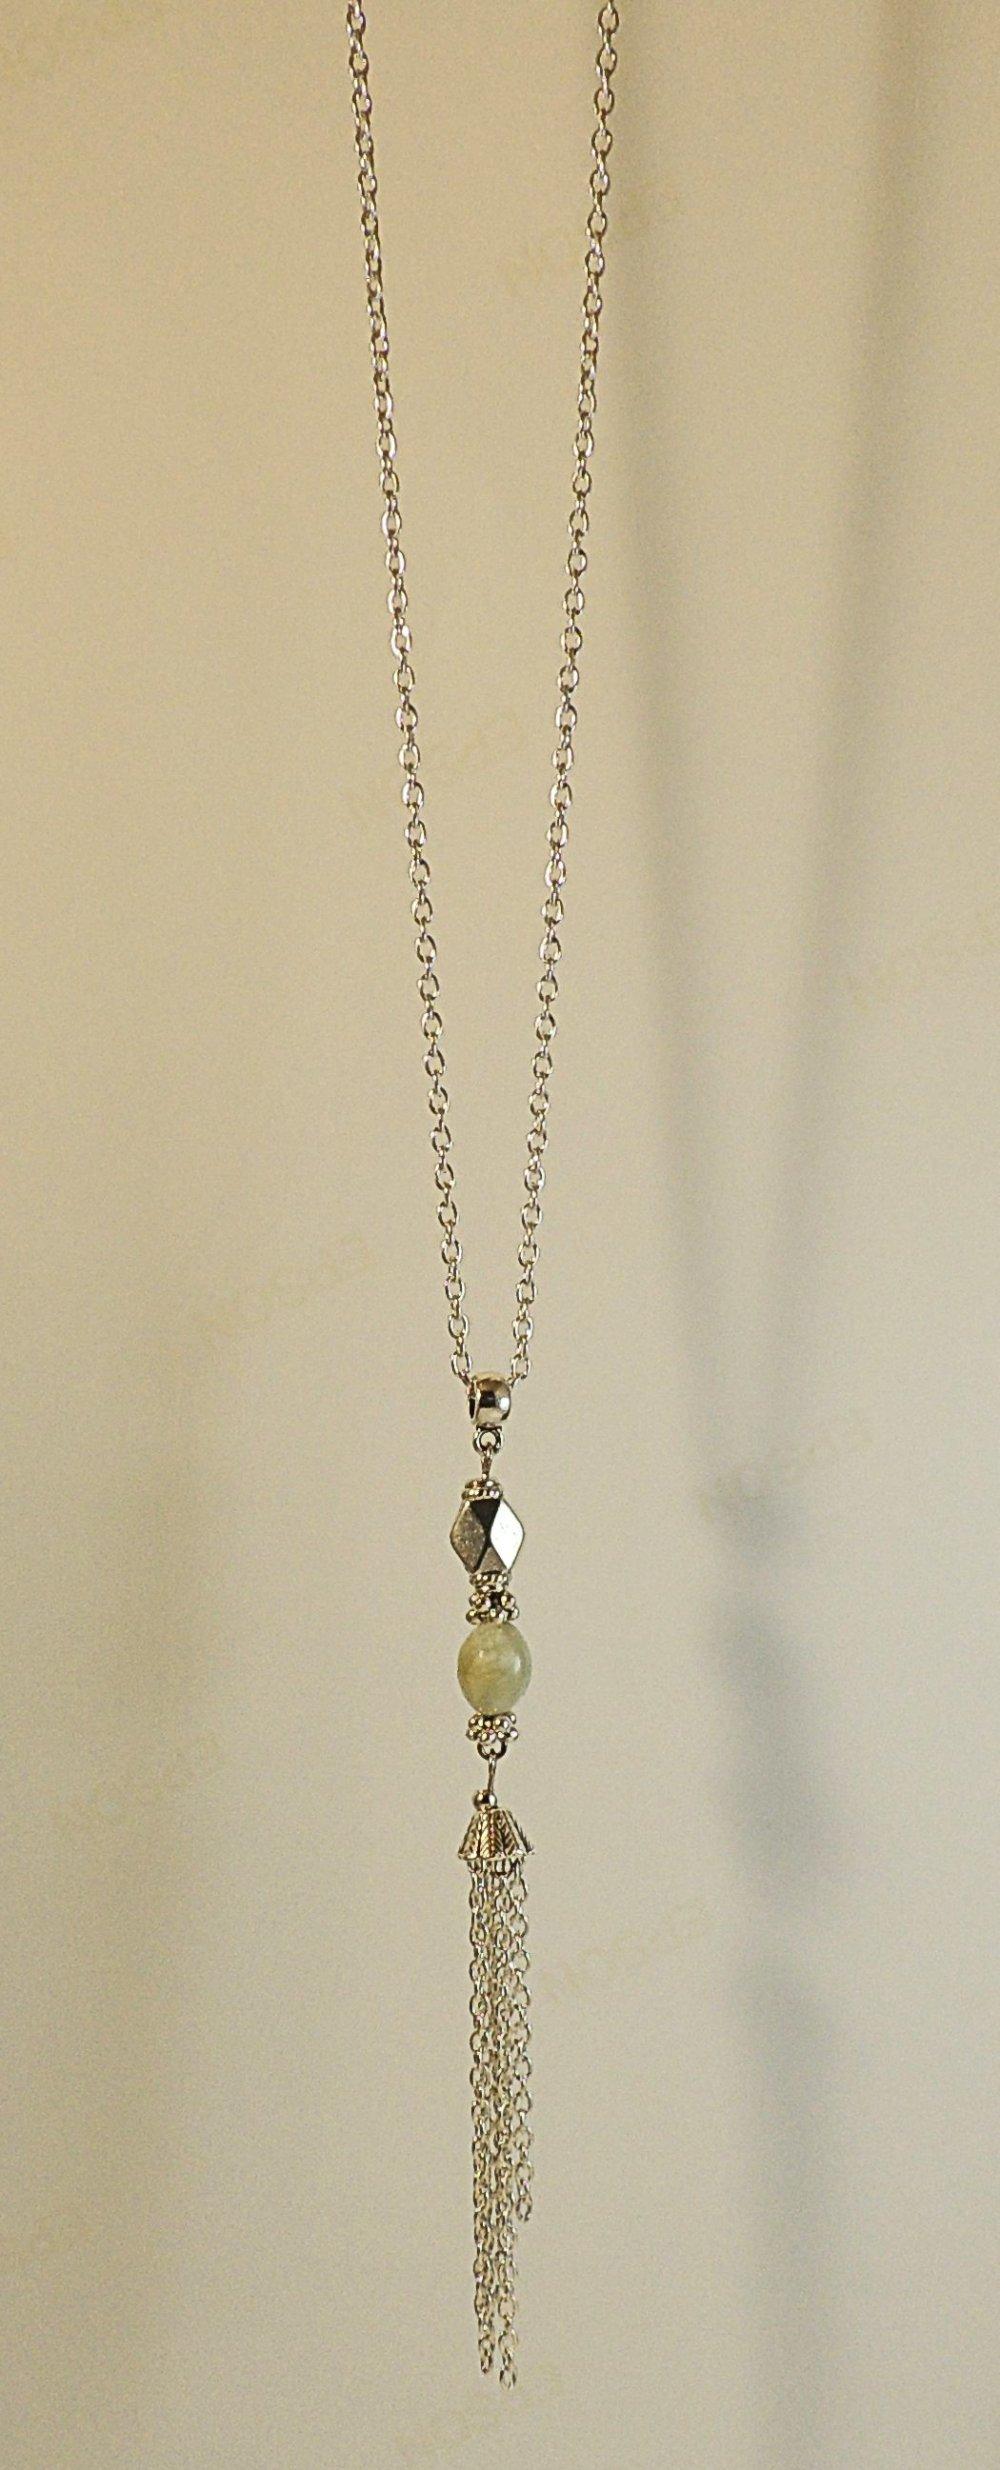 Collier pendentif avec perle de jade ovale et pompon en métal argenté